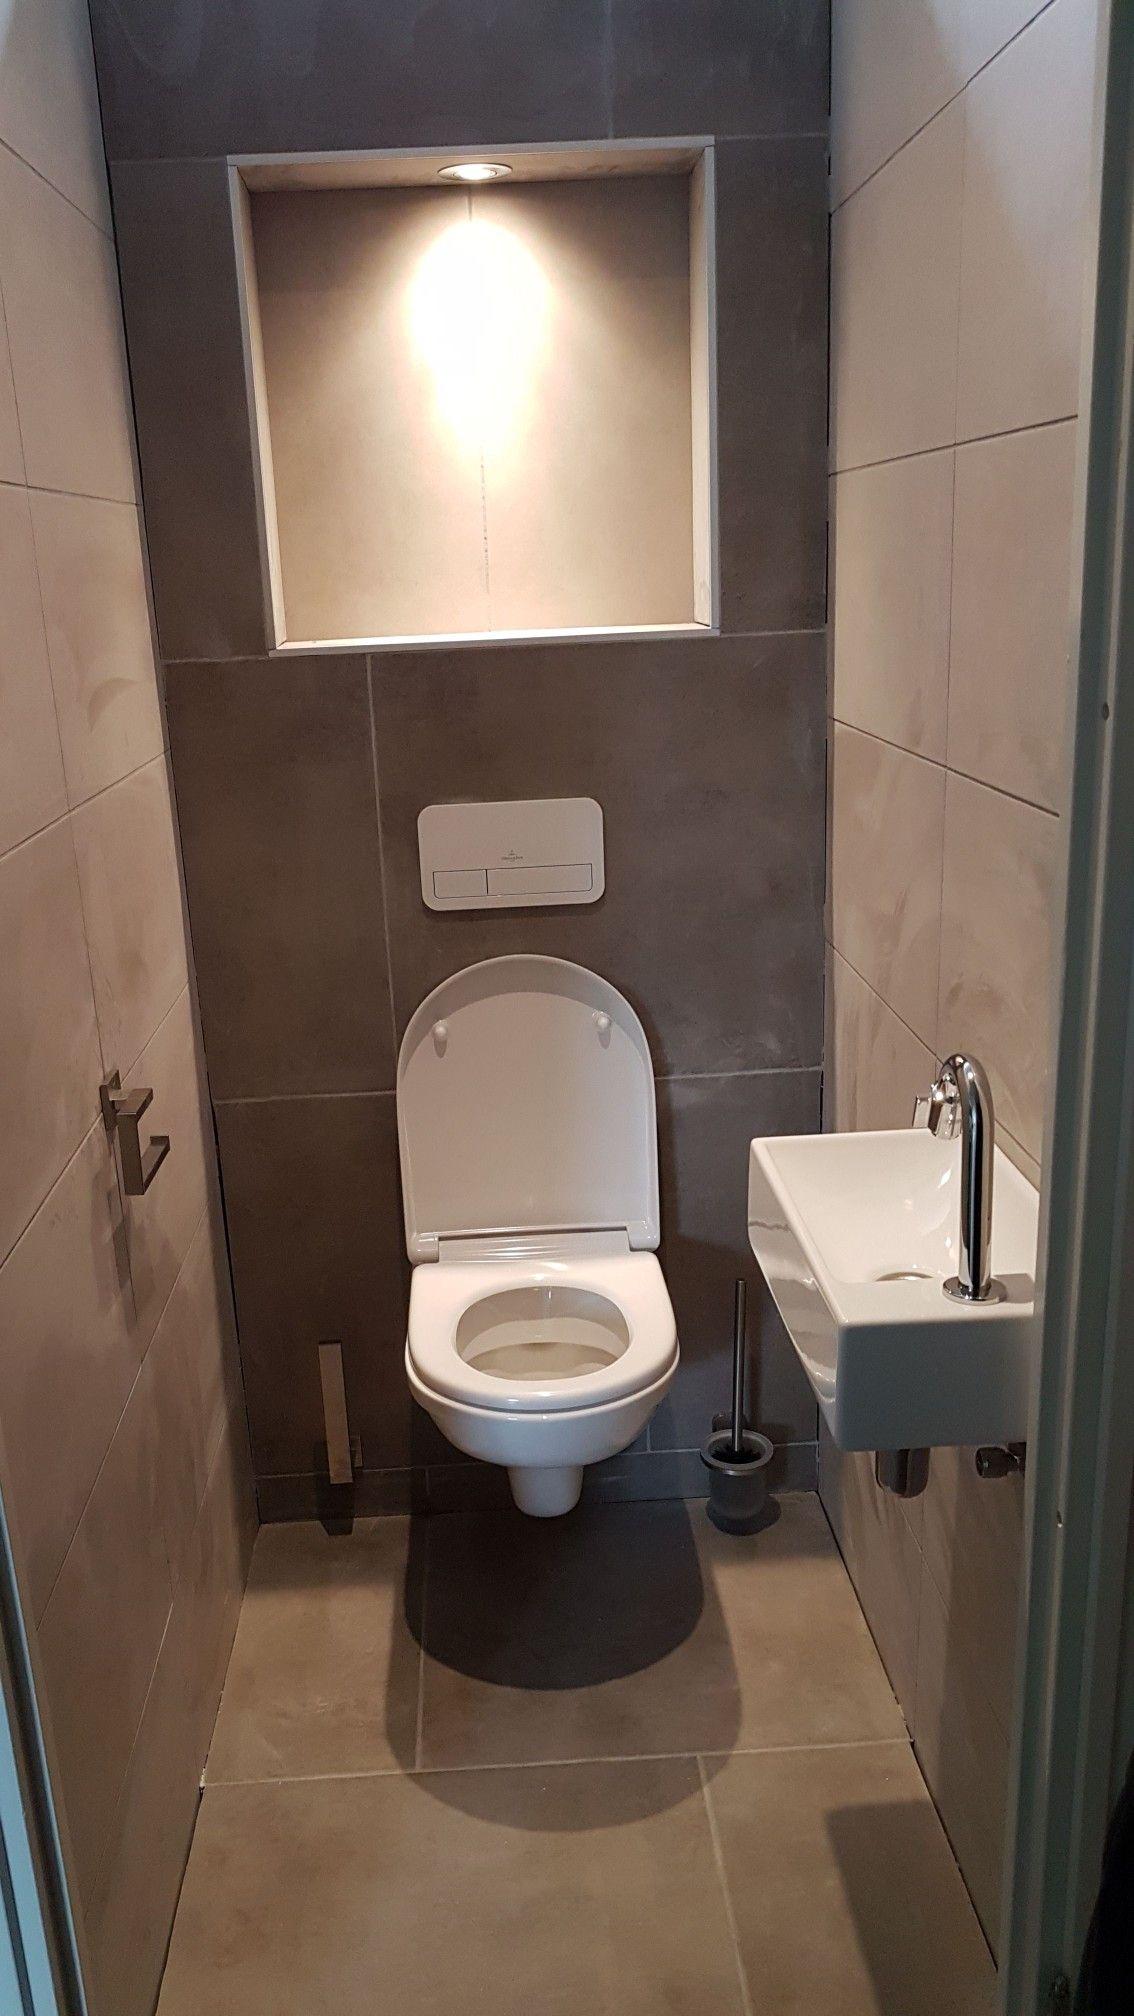 Hedendaags Toilet renovatie (met afbeeldingen) | Toilet ontwerp, Toiletideeën GU-59